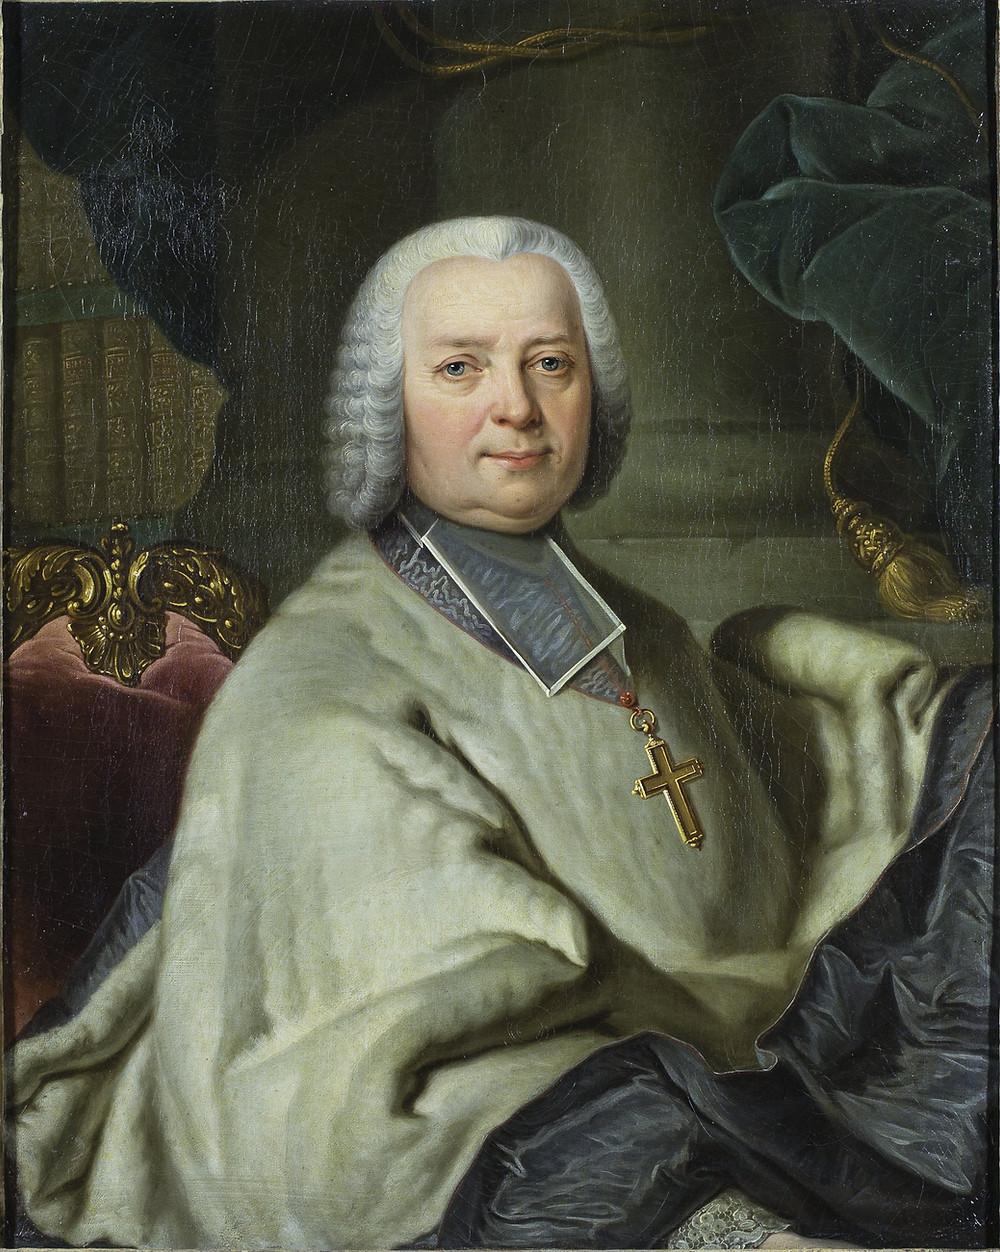 Joachim Rupalley, Portrait de Pierre Jules César de Rochechouart-Montigny, évêque de Bayeux, entre 1753 et 1764, Orléans, musée des Beaux-Arts, inv. 990